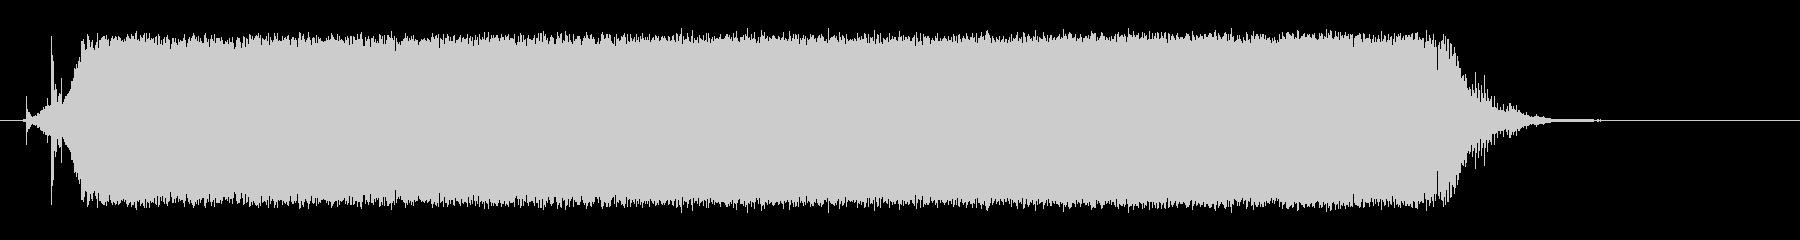 ノイズ スローコードライザー02の未再生の波形